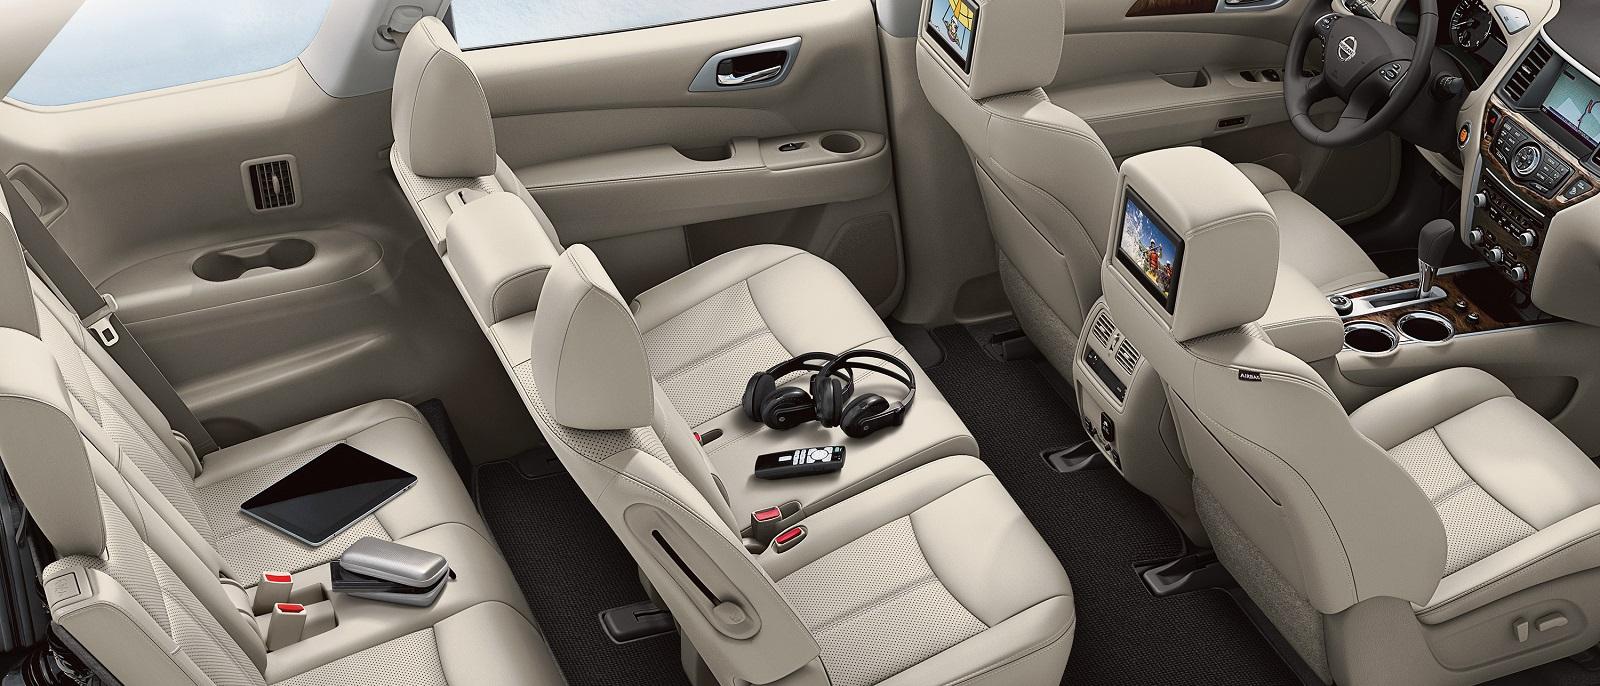 2016 Nissan Pathfinder Seats